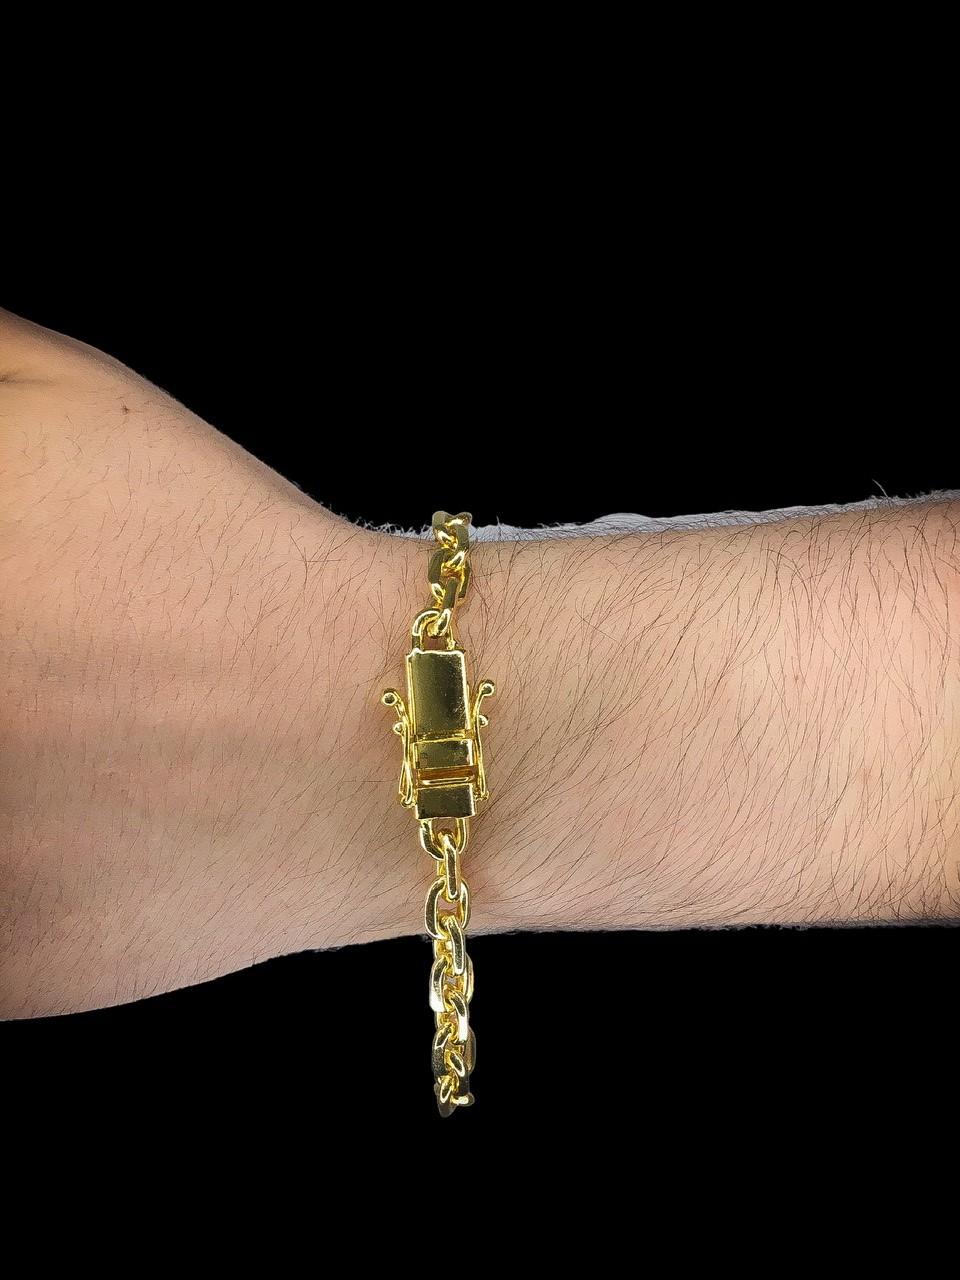 Pulseira Cartie -  7 milímetros achatada  - 22 Centímetros - fecho gaveta trava dupla - Banhado a ouro 18 k